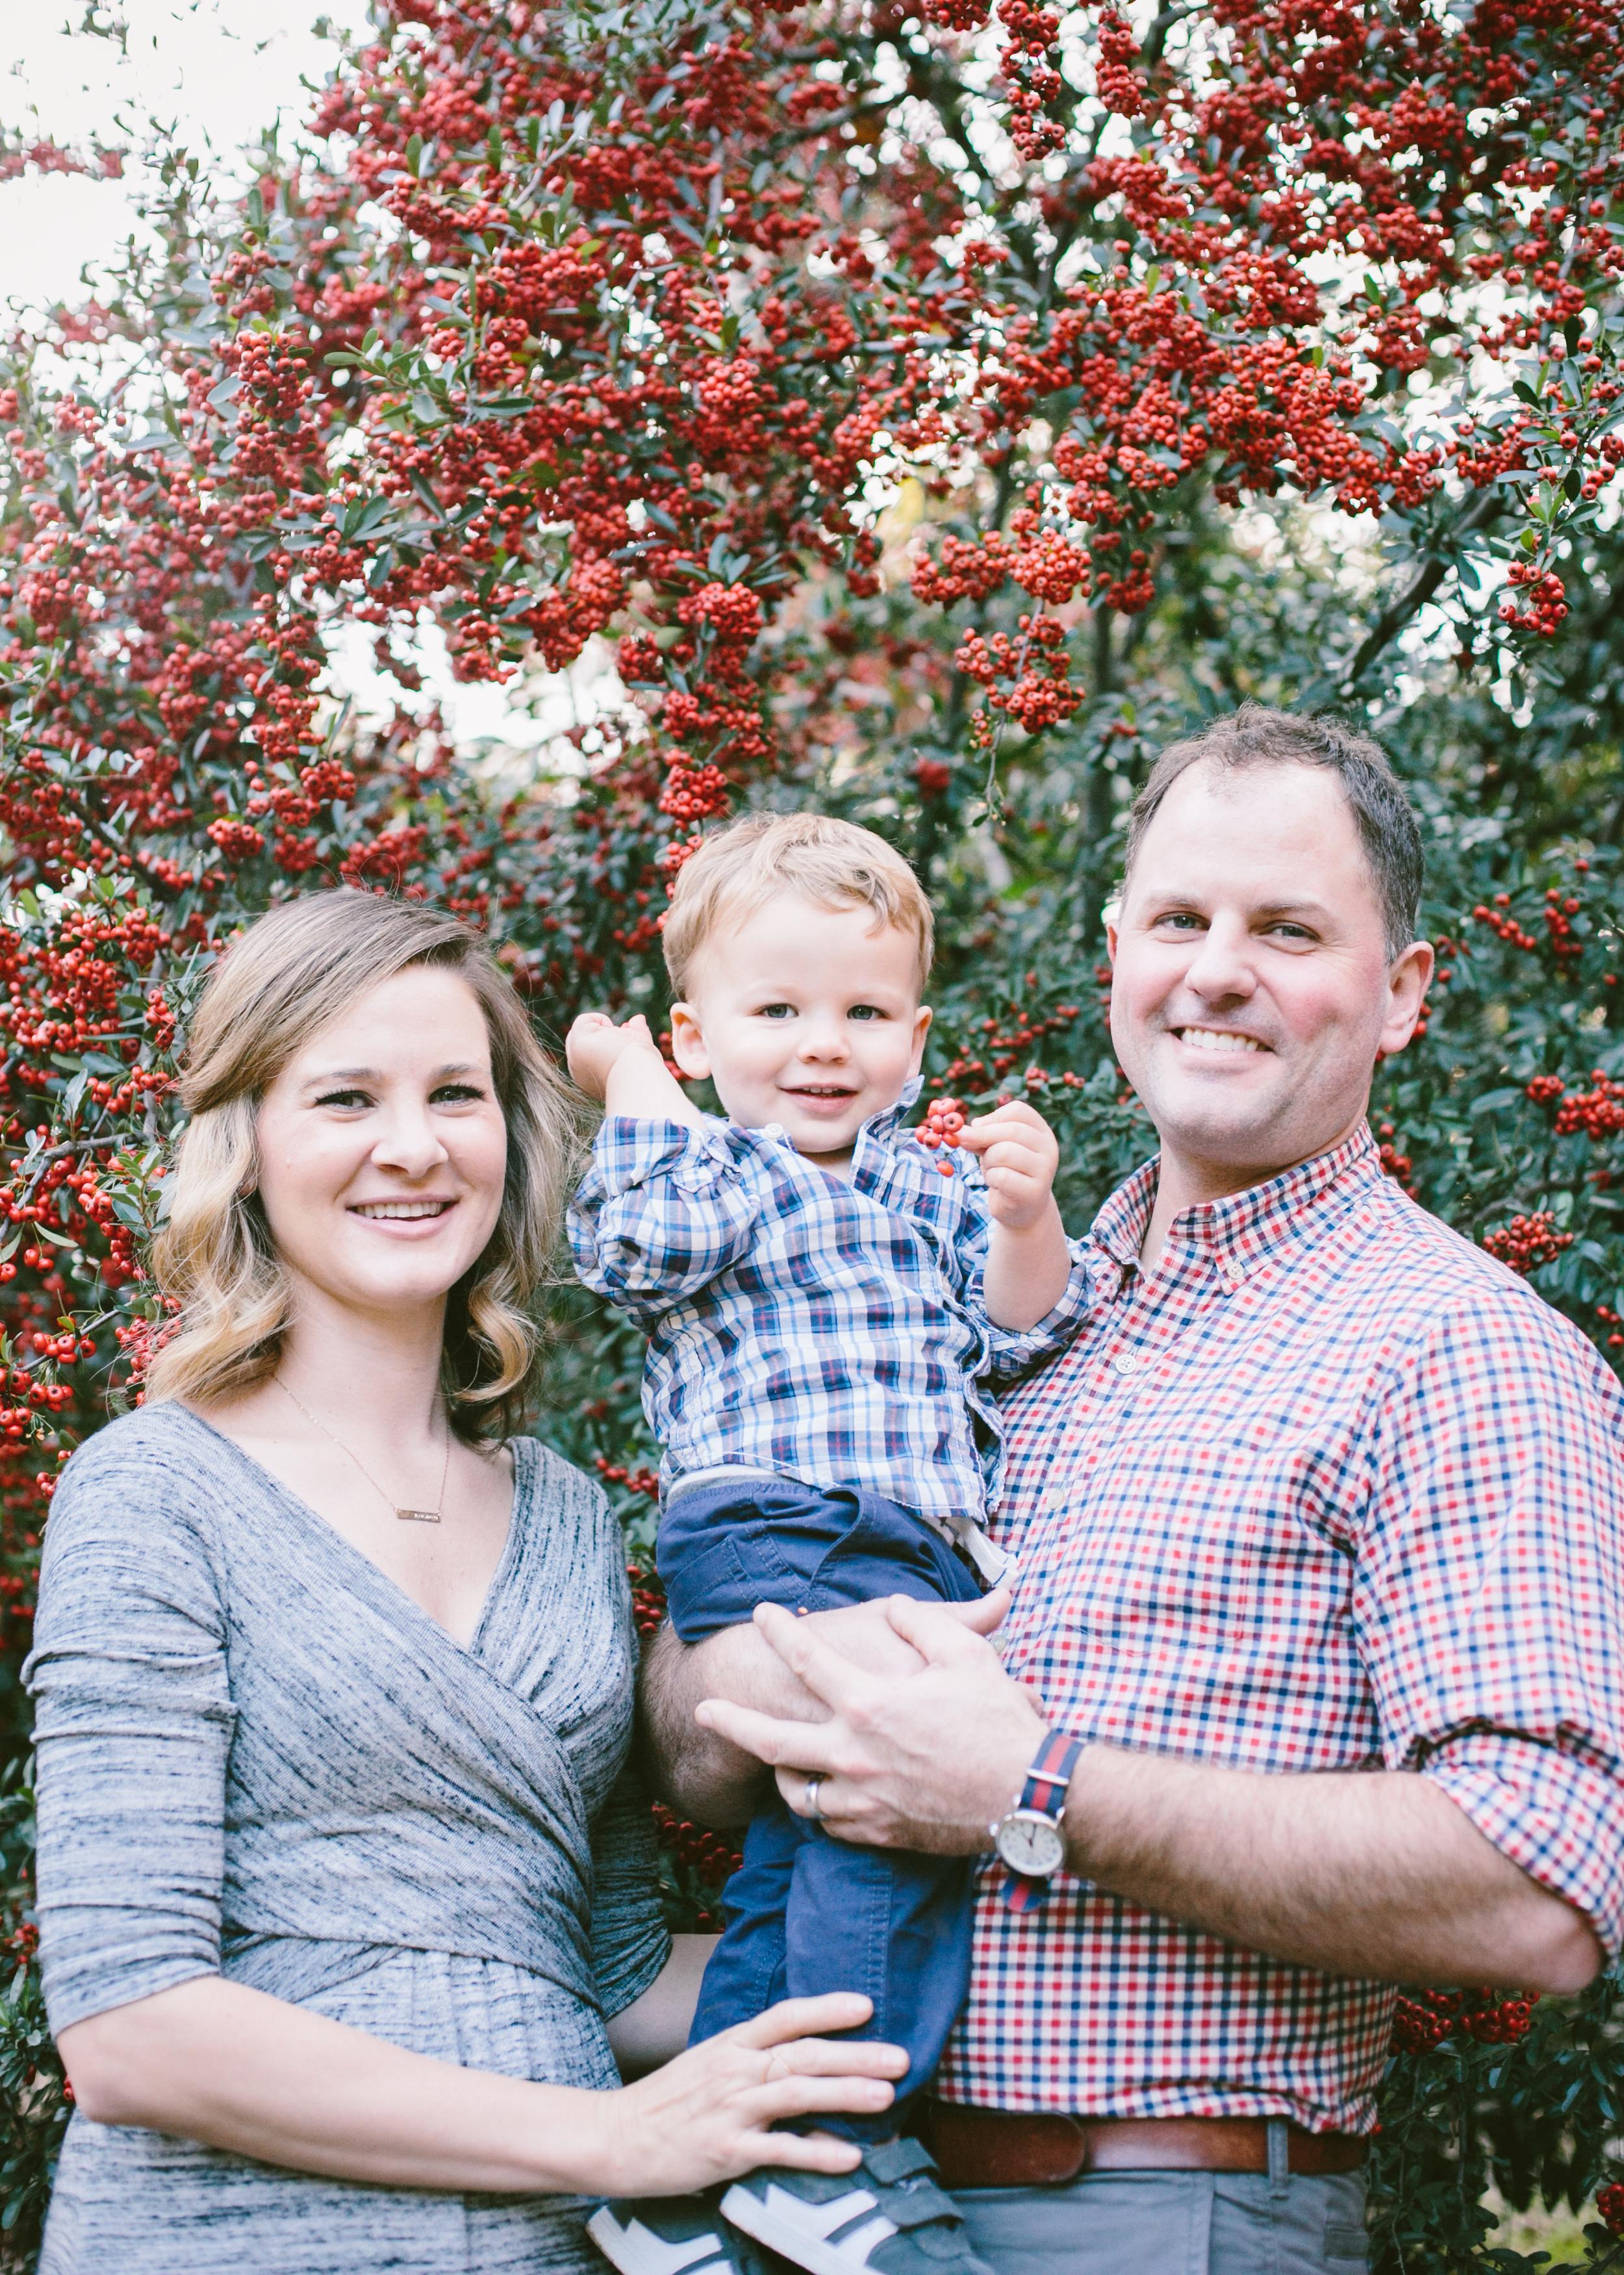 The_Bier_Family31.jpg